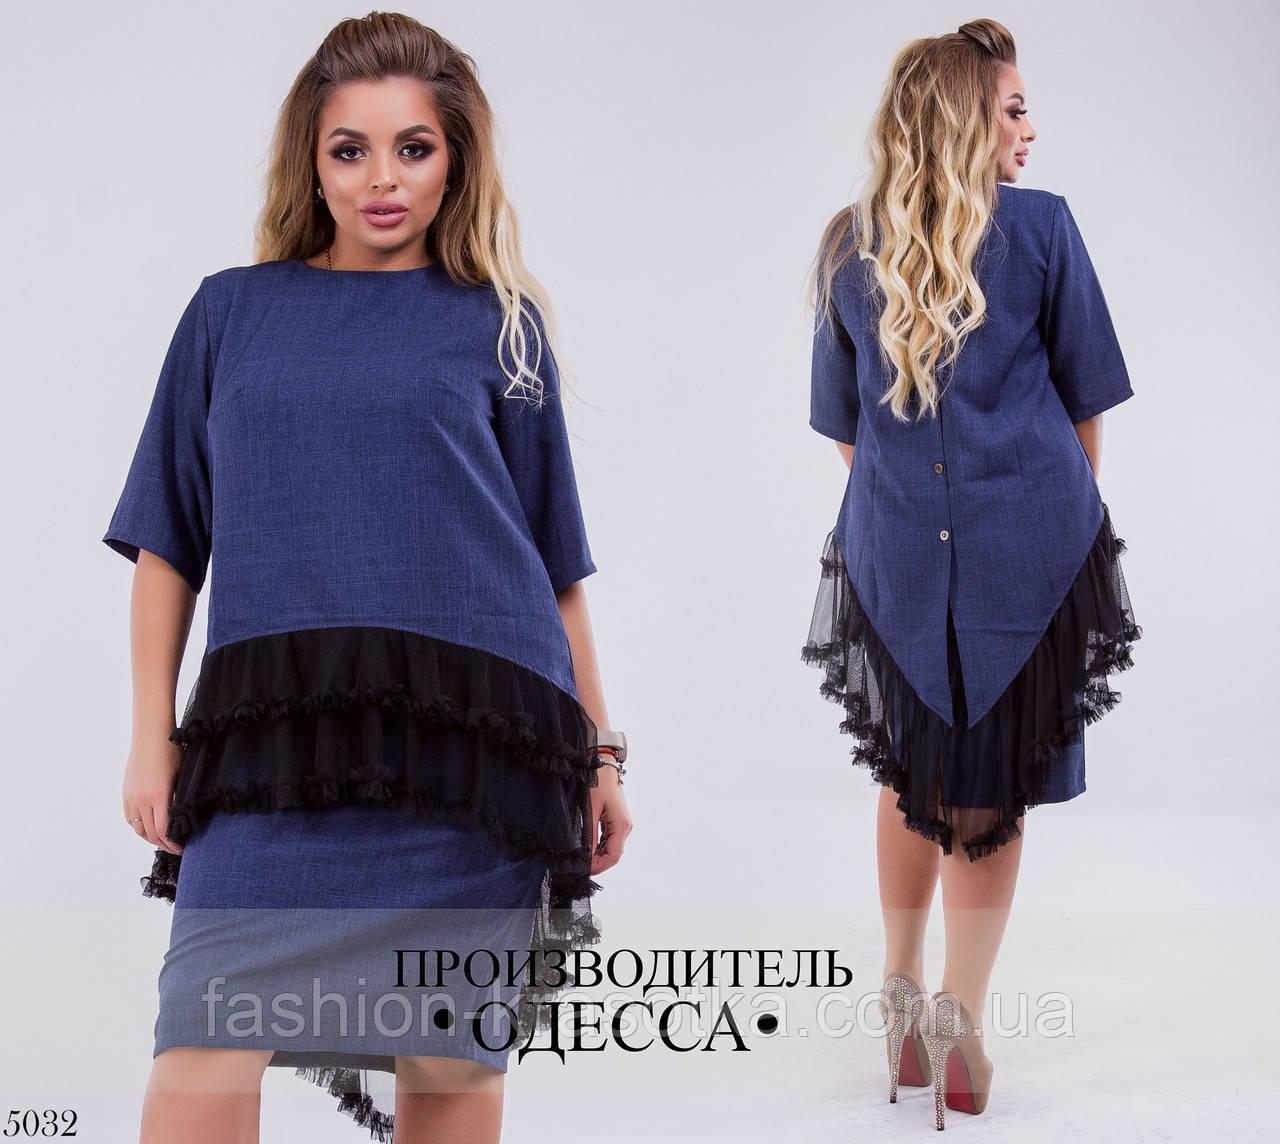 758e04cee3c Костюм блуза+юбка габардин с сеткой 50